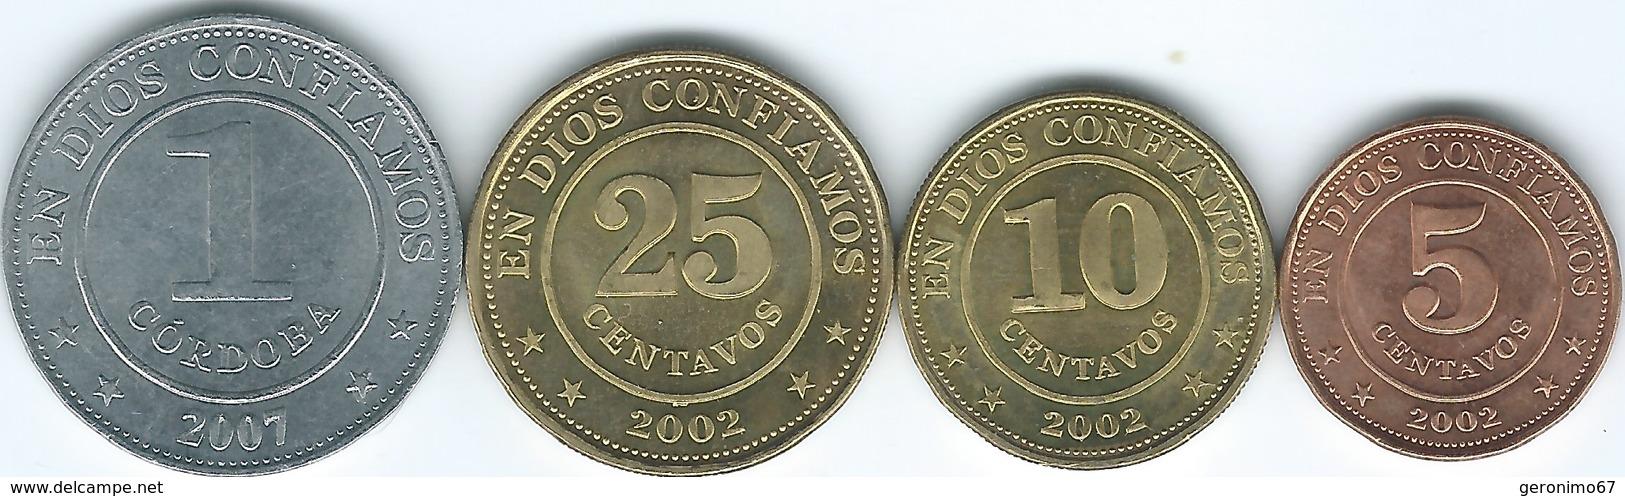 Nicaragua - 2002 - 5, 10 & 25 Centavos (KMs 97-99) & 2007 - 1 Córdoba (KM101) - Nicaragua